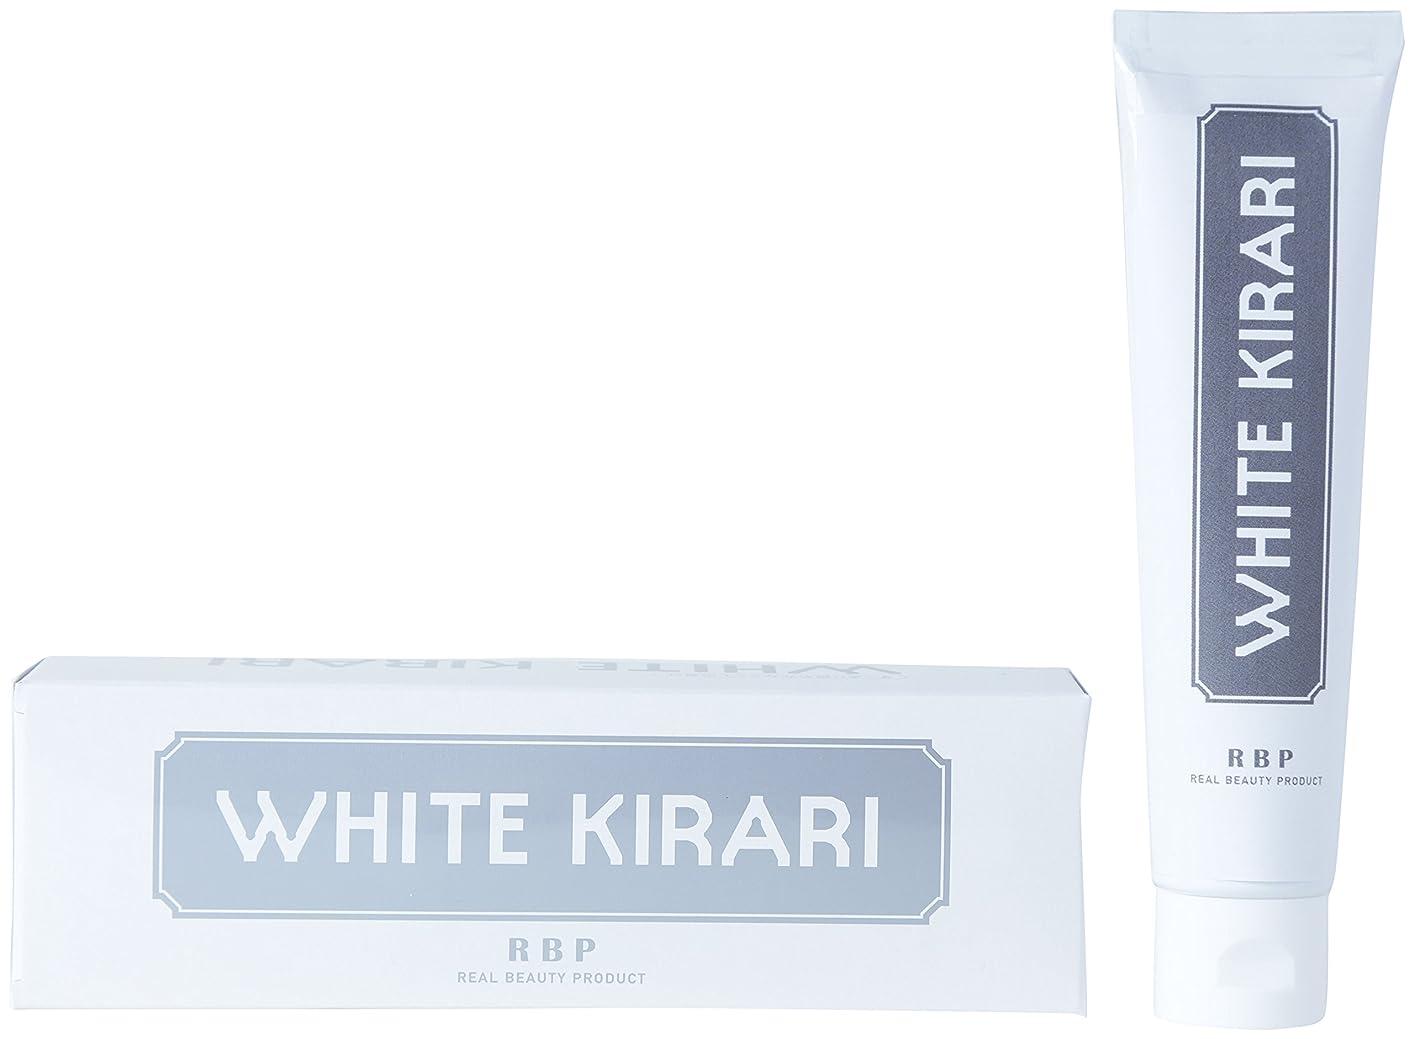 無視できるキャンペーンうなずくリアルビューティプロダクト(RBP) WHITE KIRARI 95g LED付